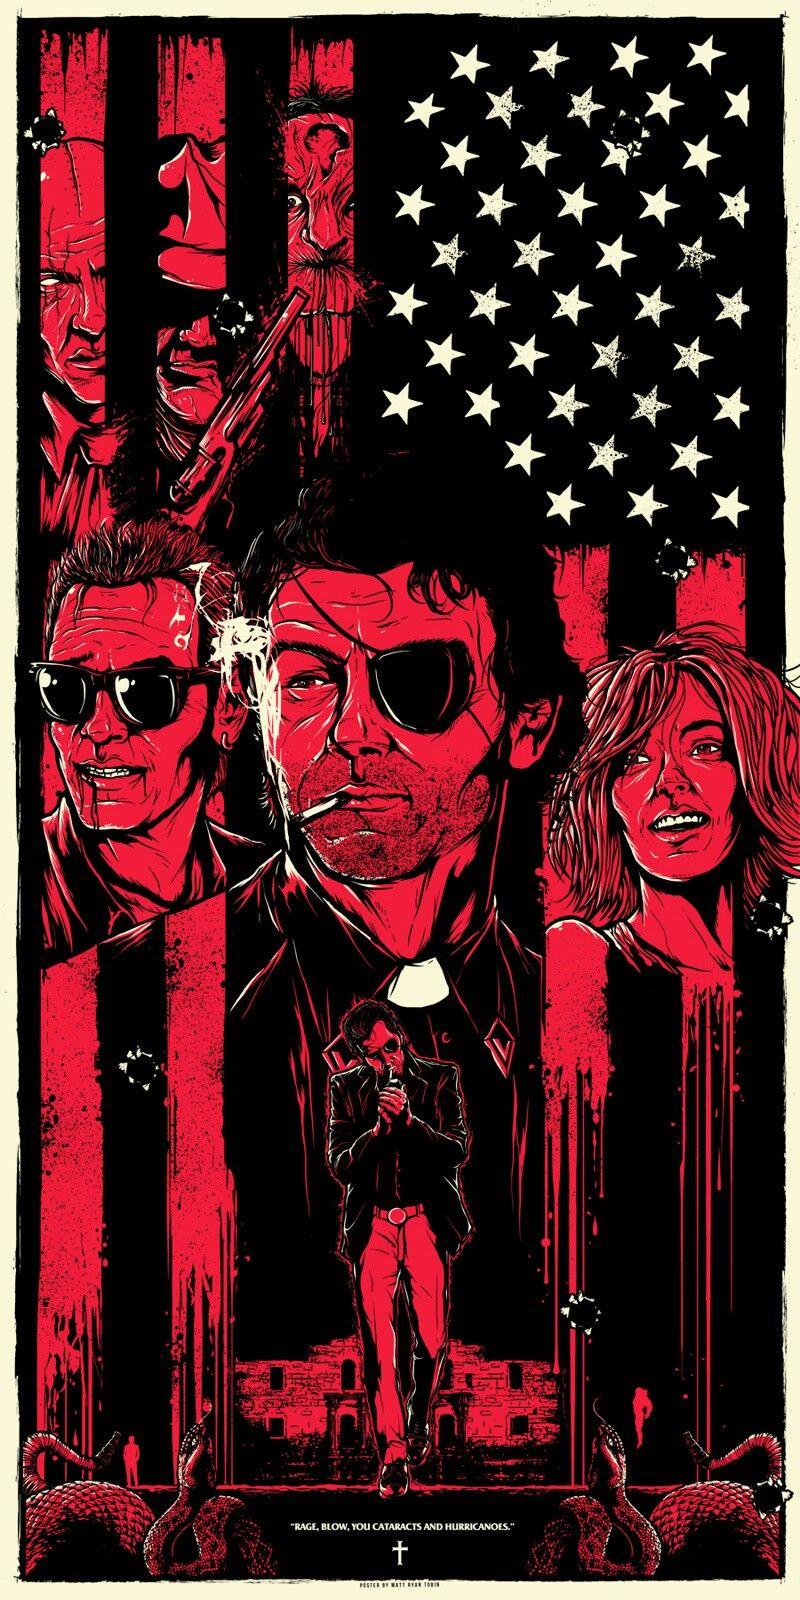 Matt Ryan Art Cool Art Art Poster Prints